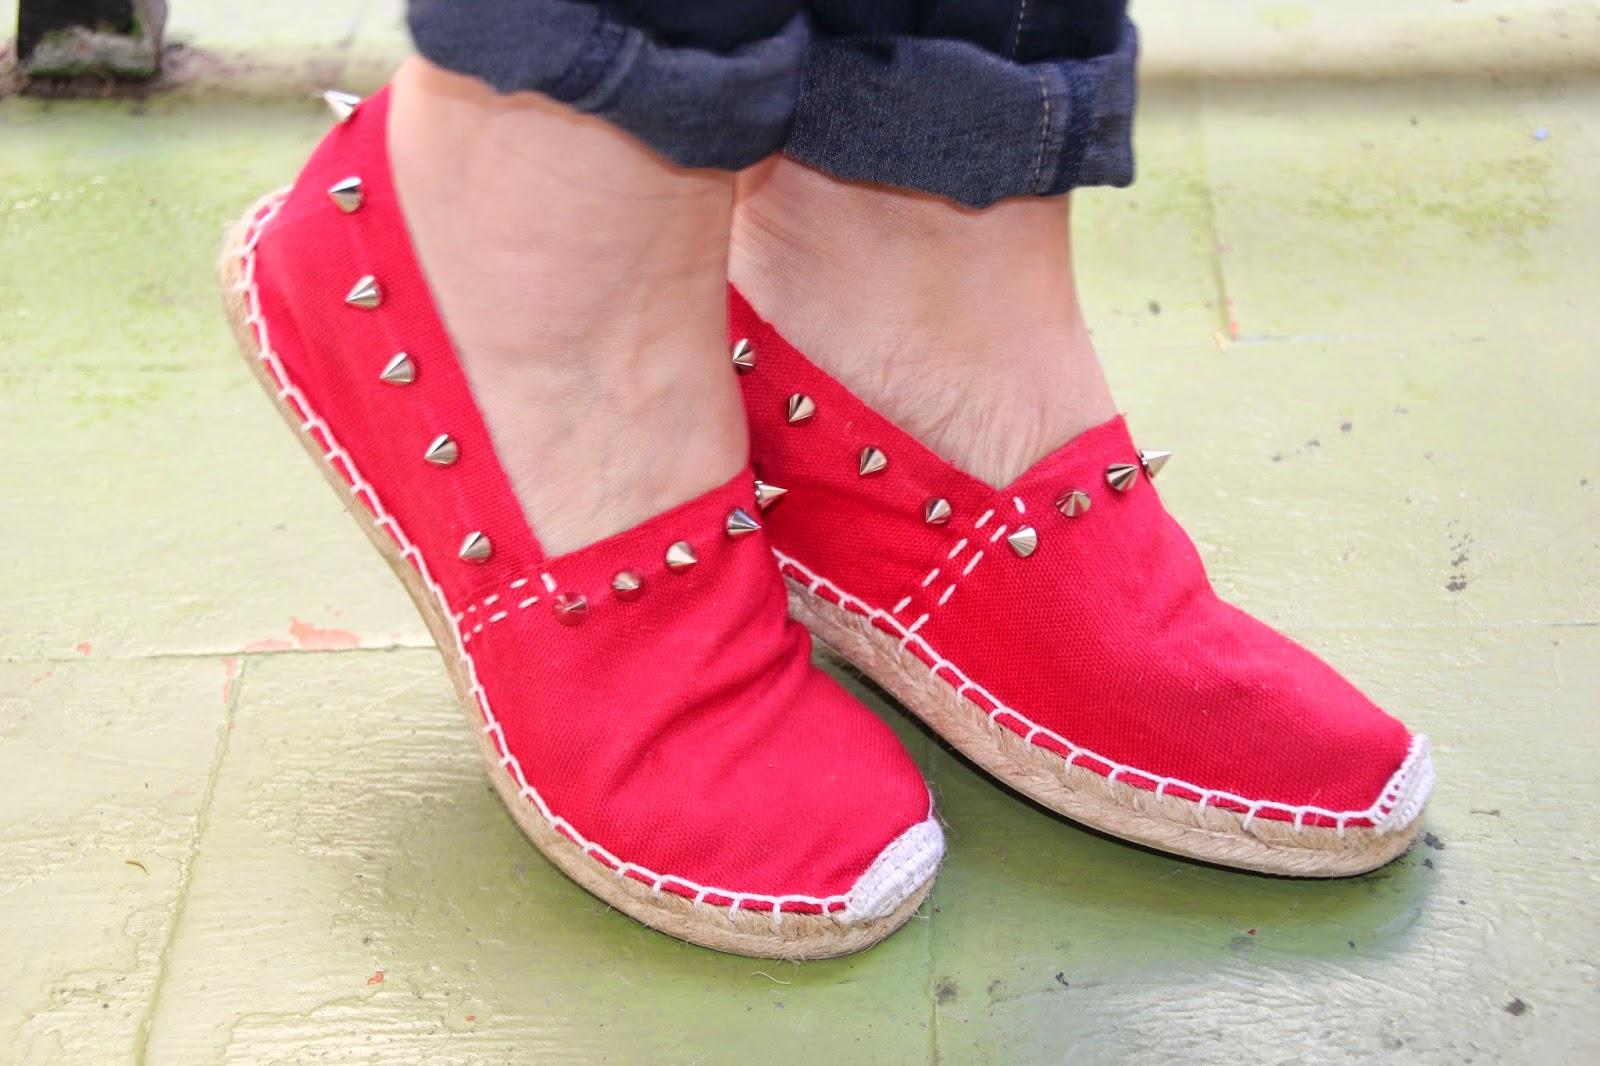 Diy zapatos esparteñas esparto tachuelas. Blog diy